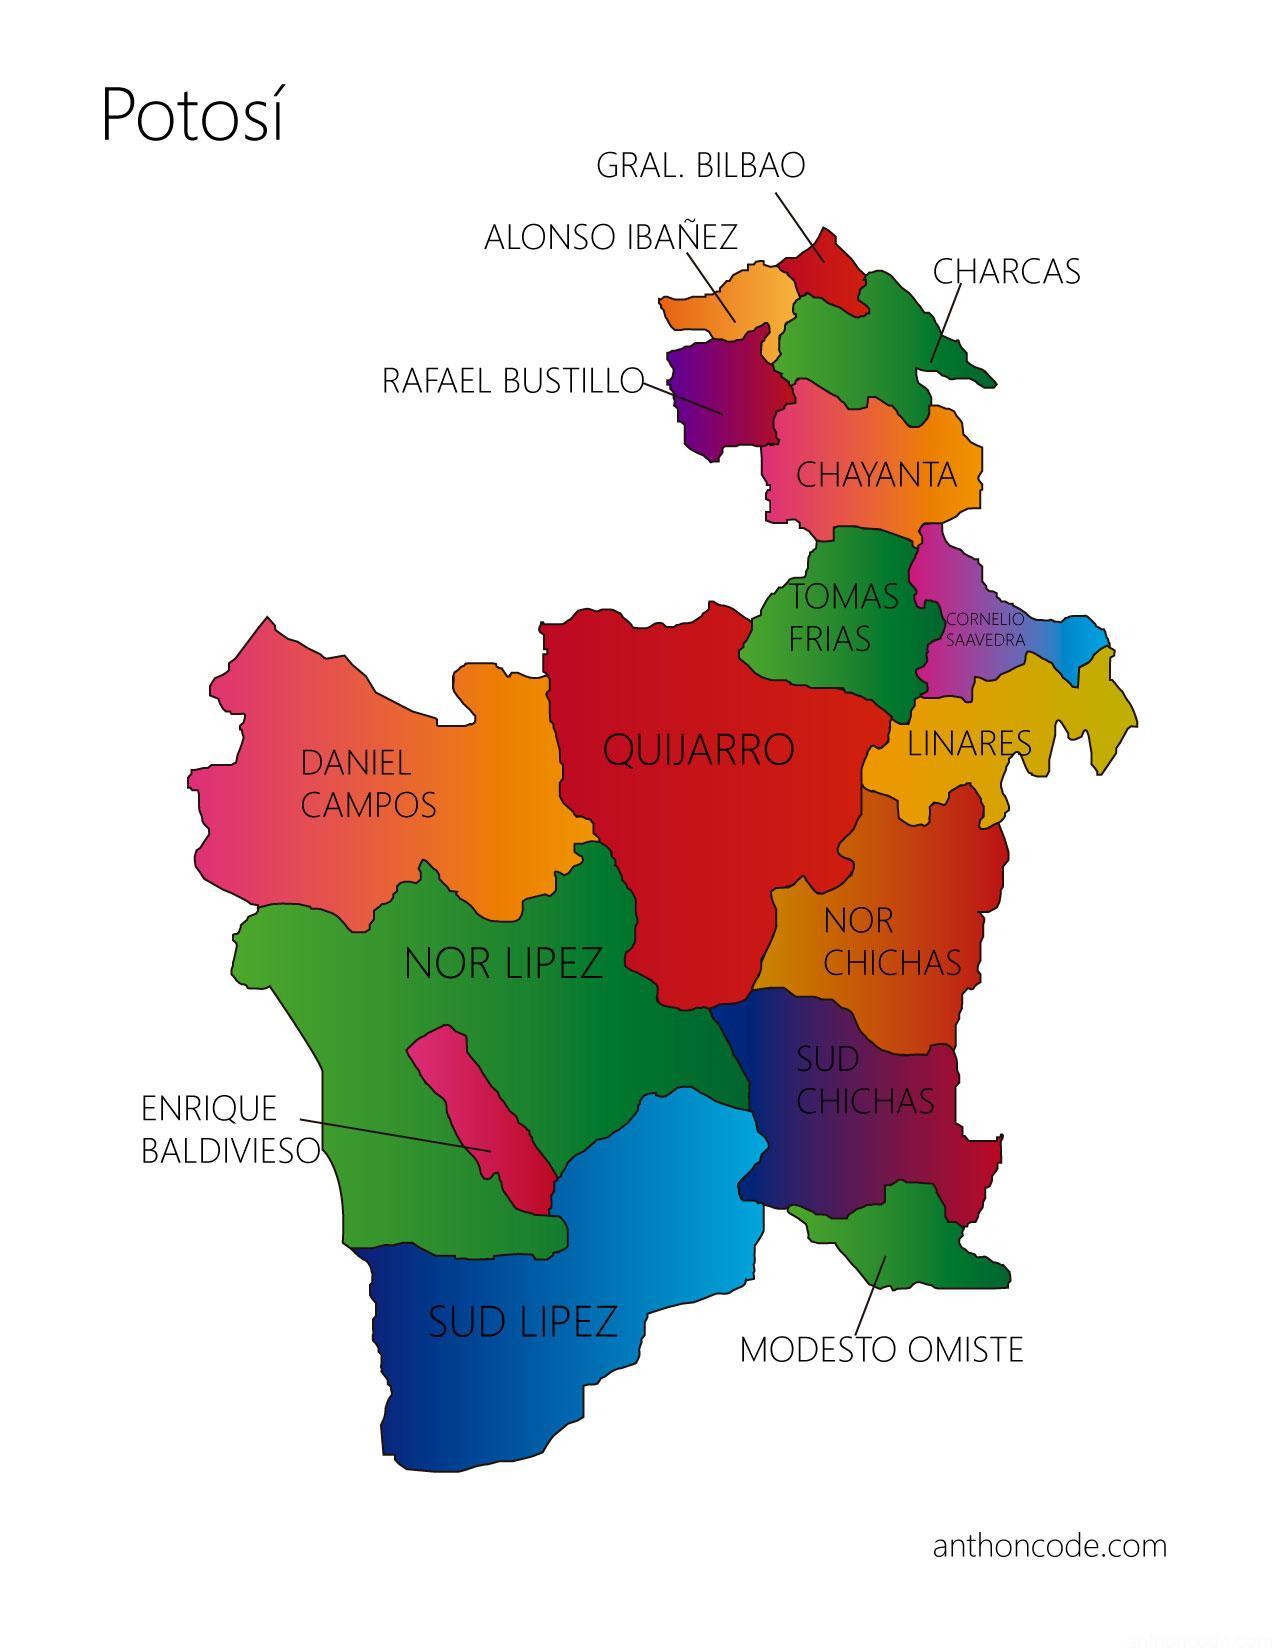 Mapa de Potosí y provincias